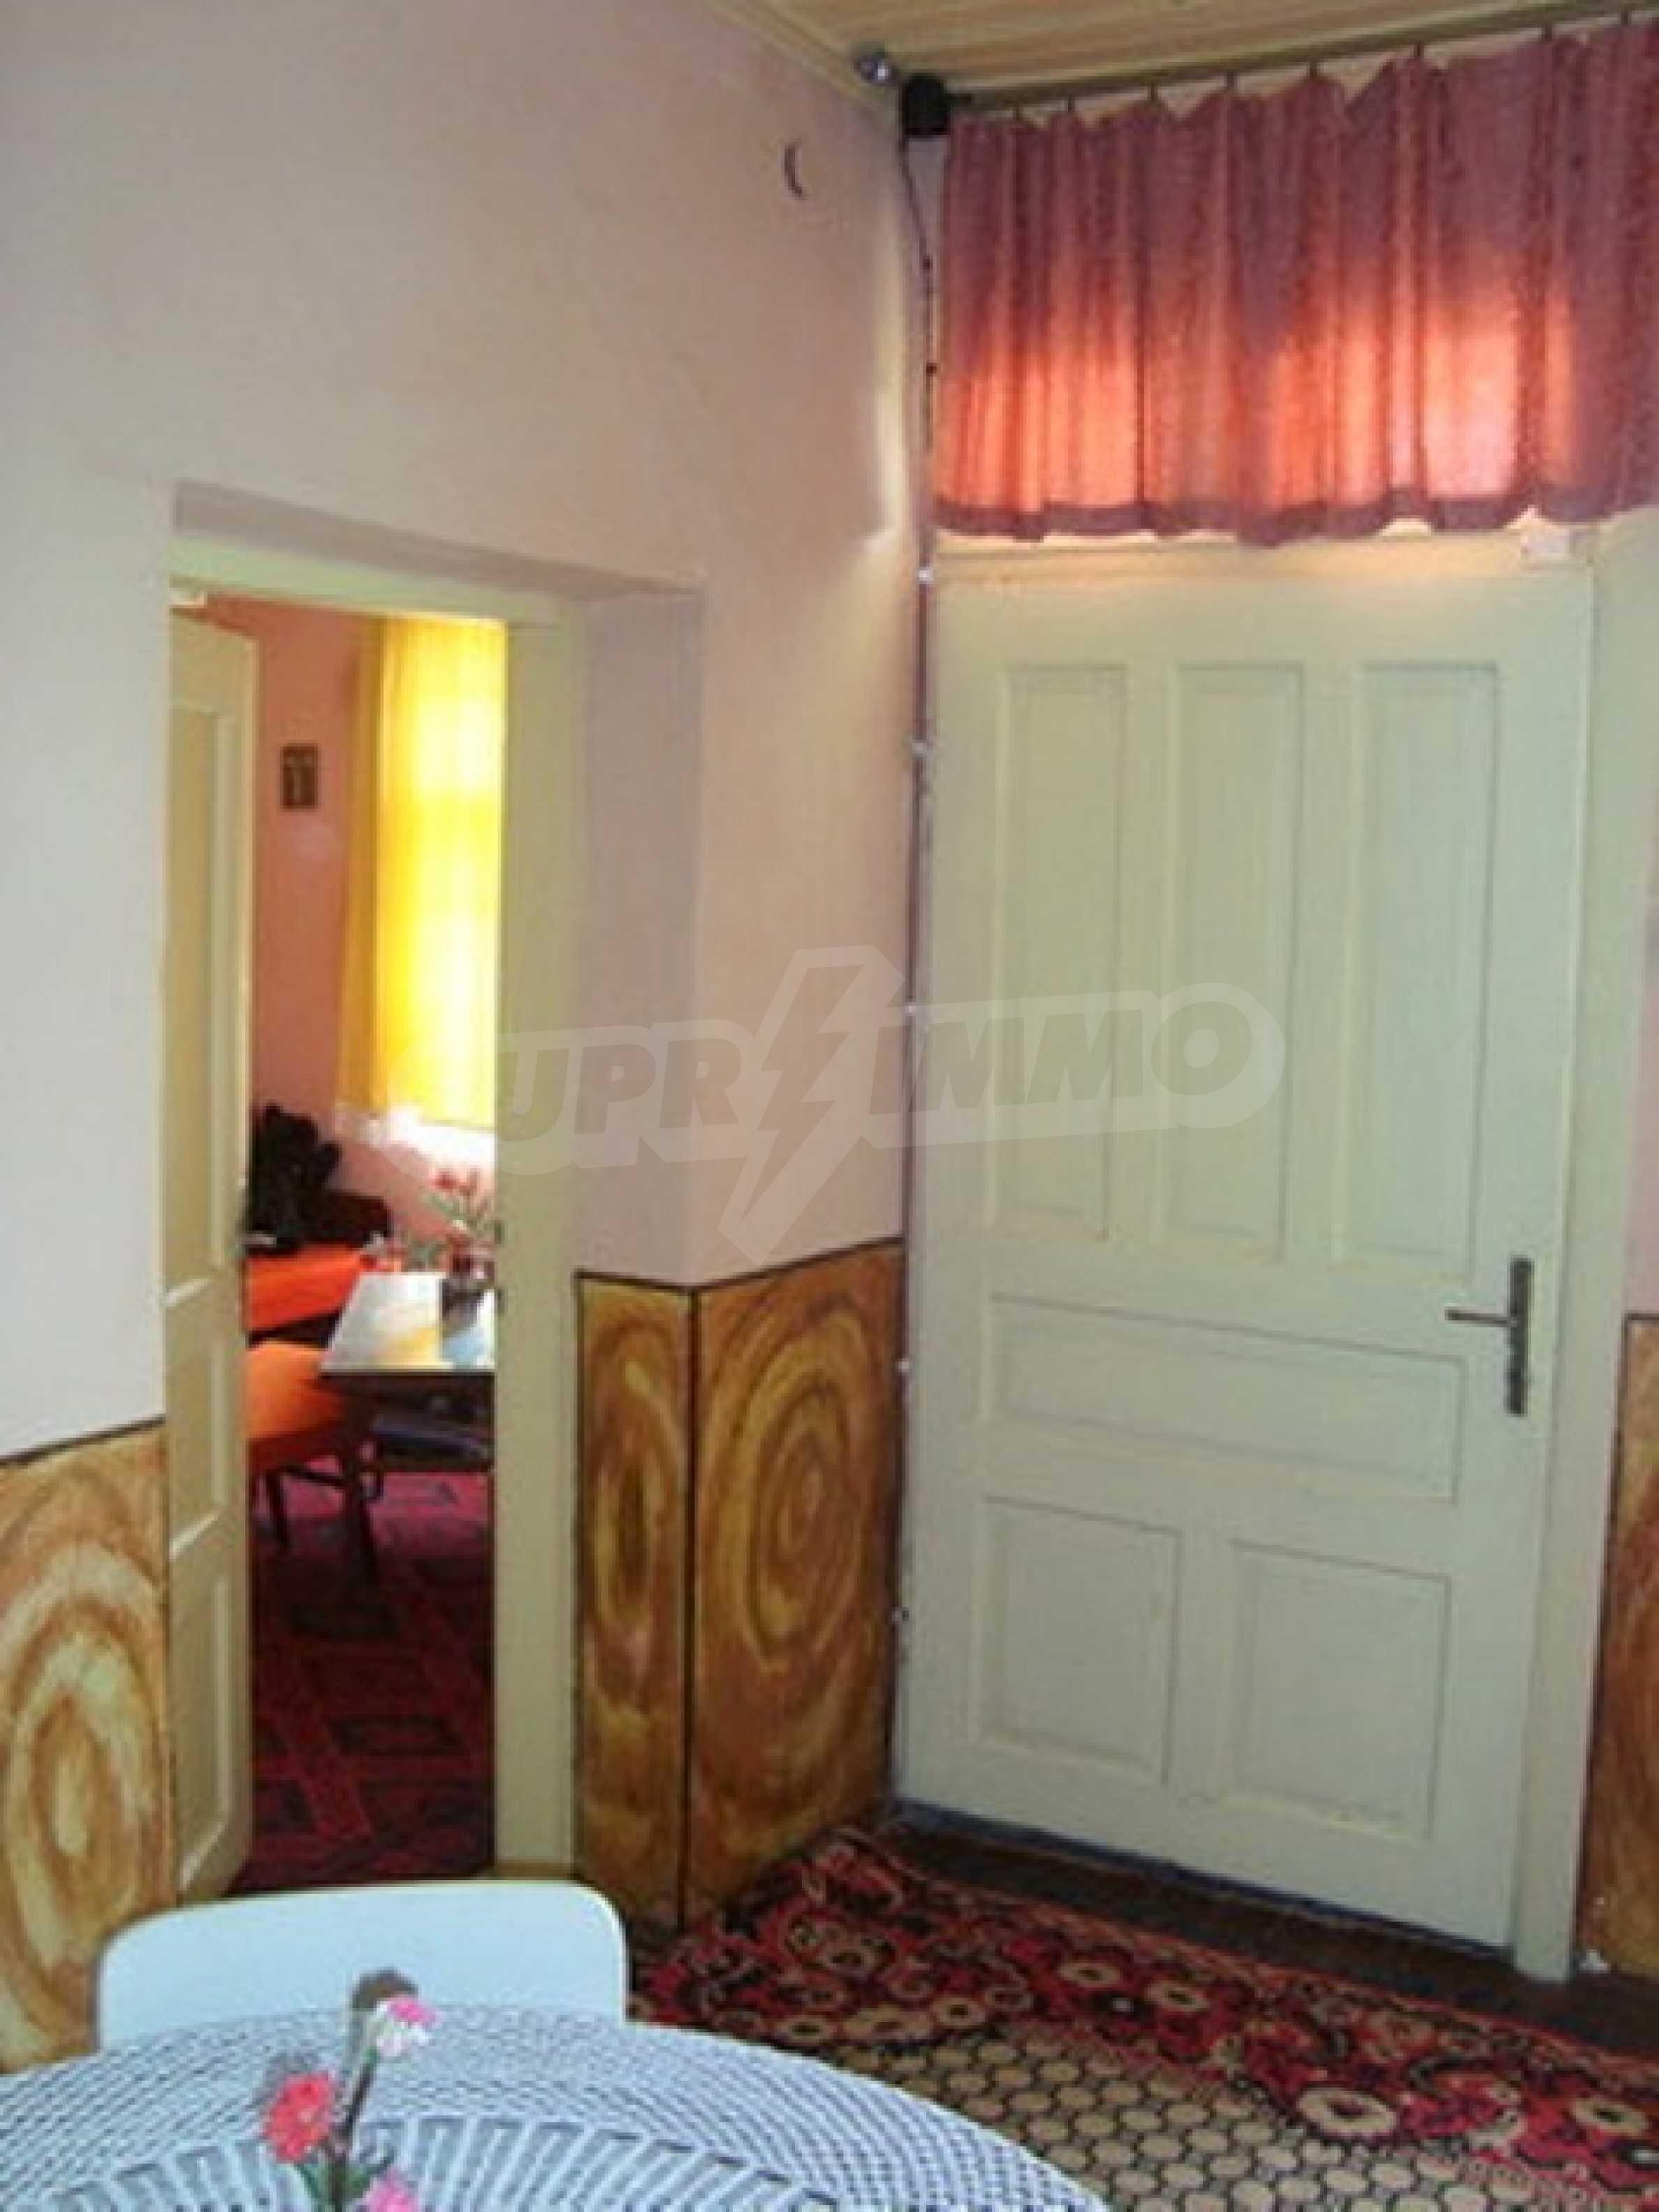 House in the village of Gorna Lipnica, Veliko Tarnovo 13